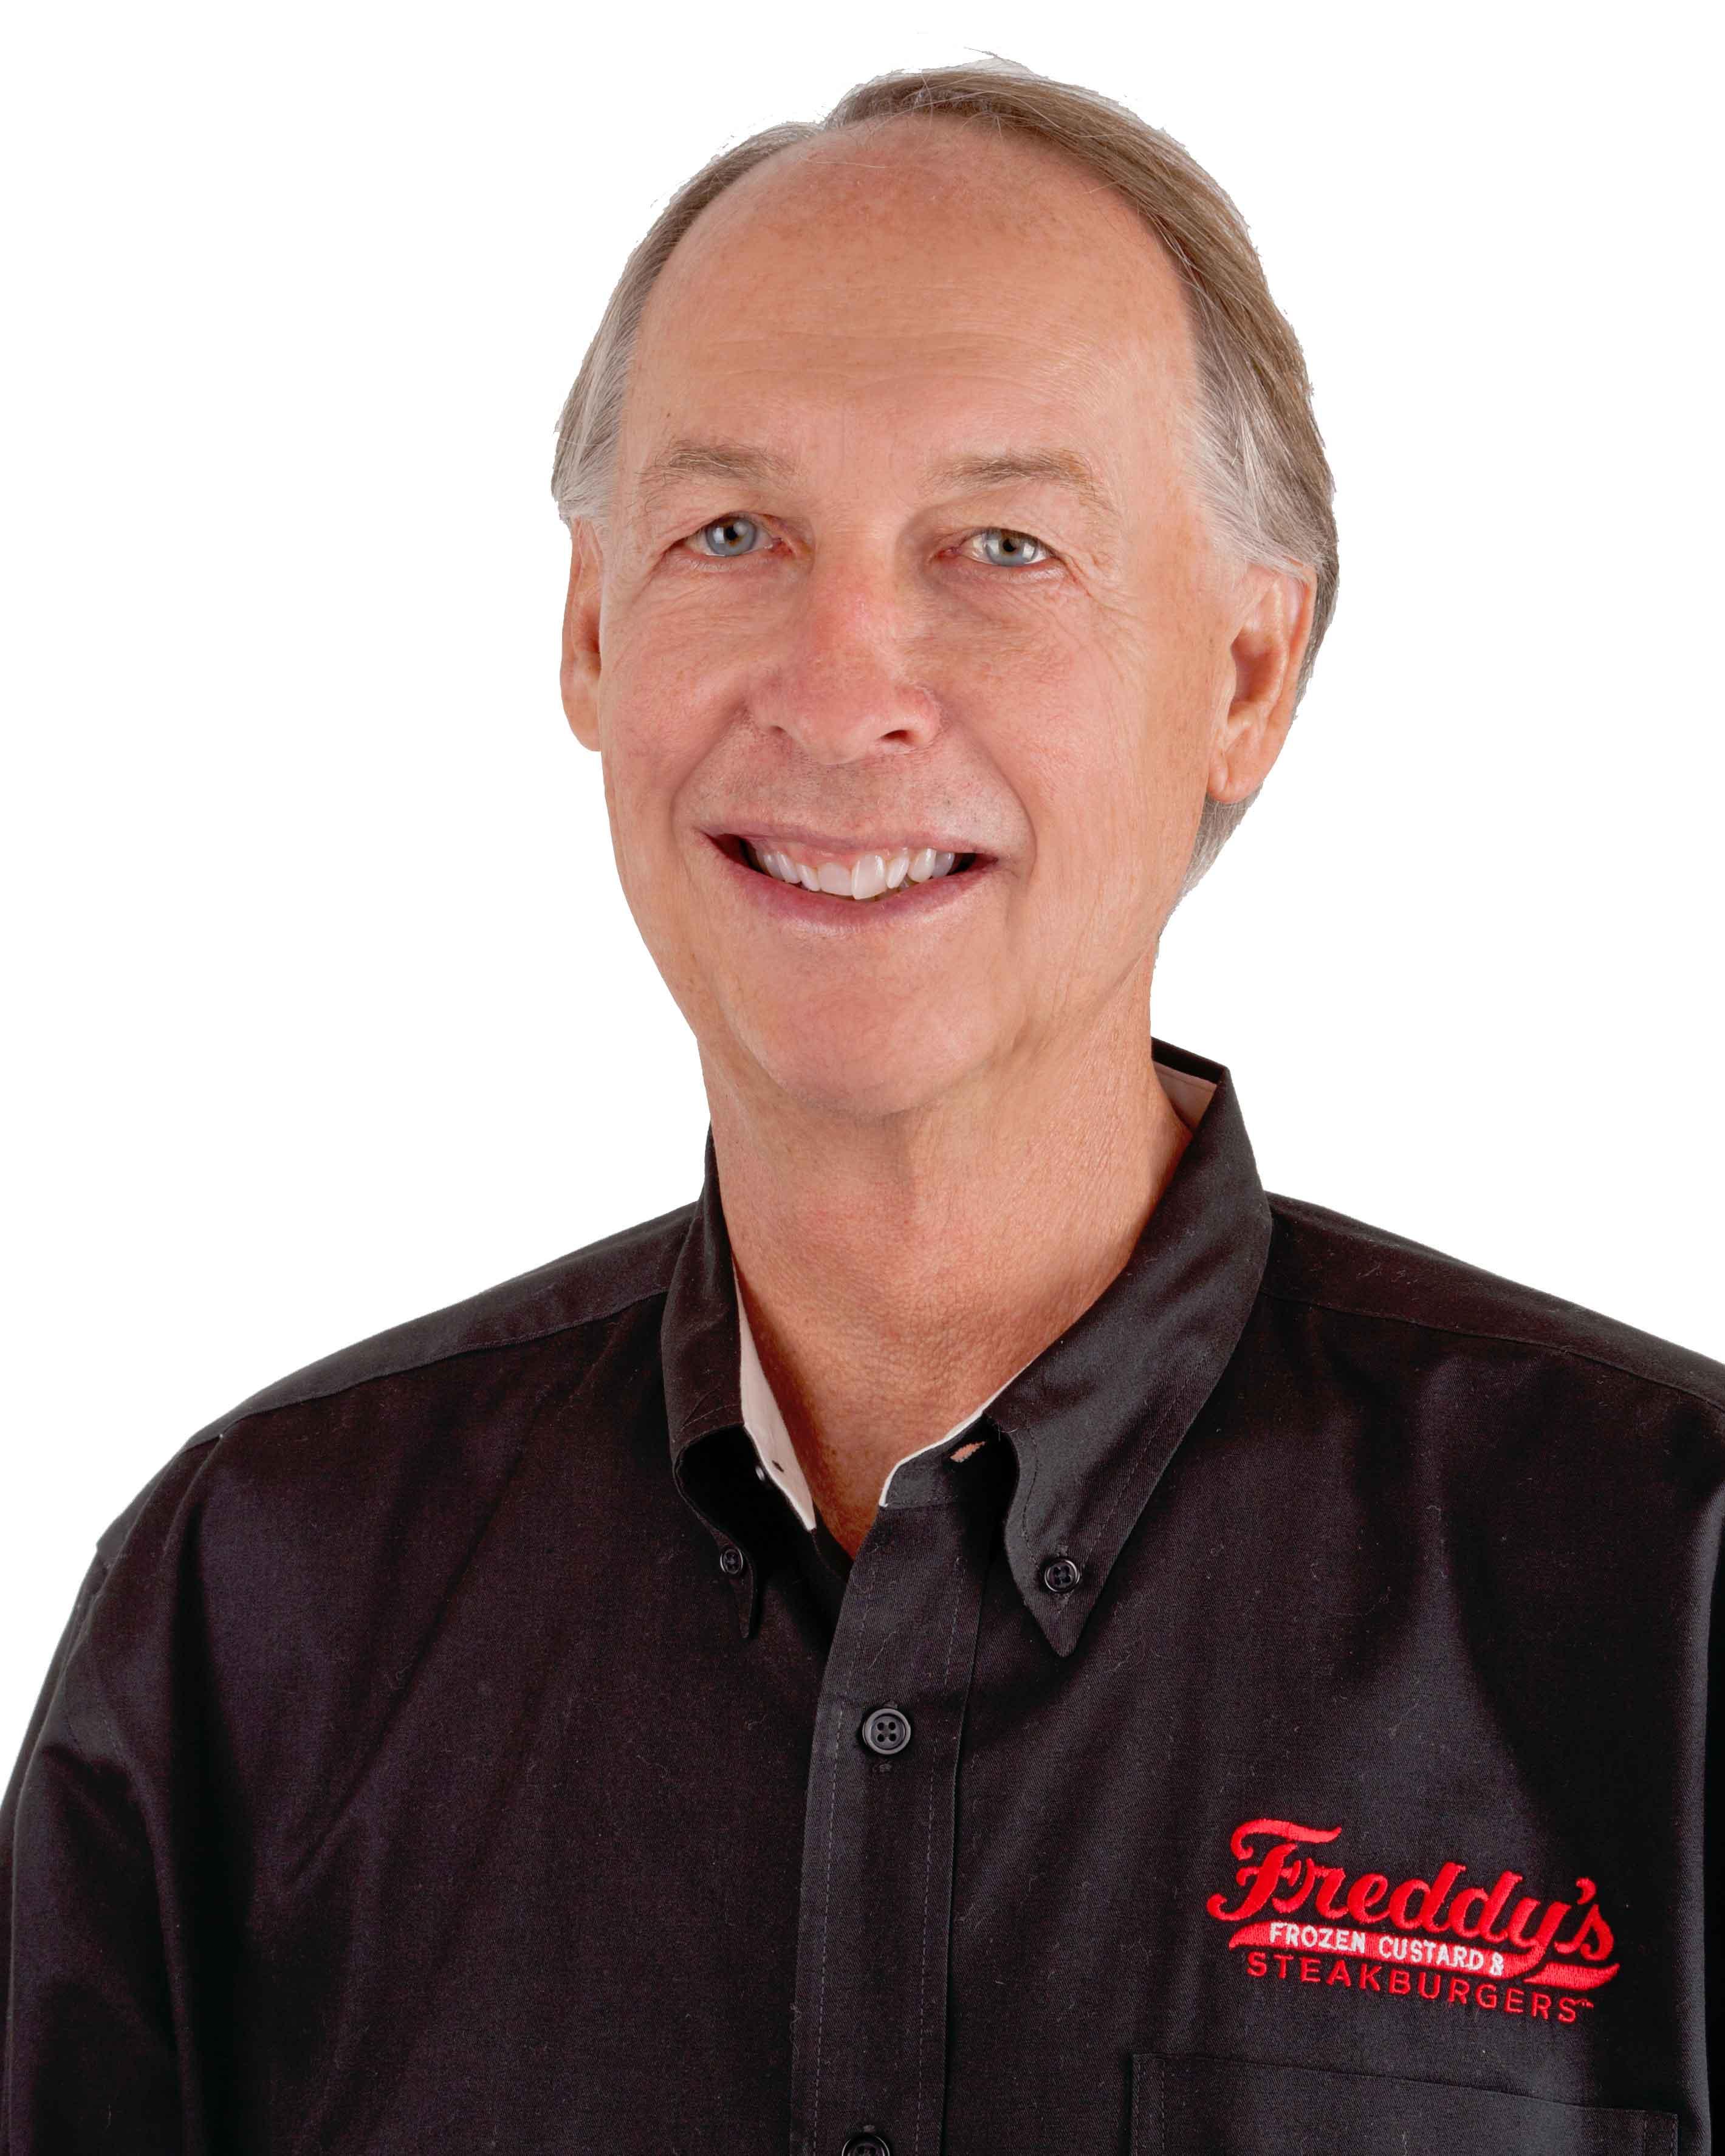 Randy Simon, Co-Founder & CEO